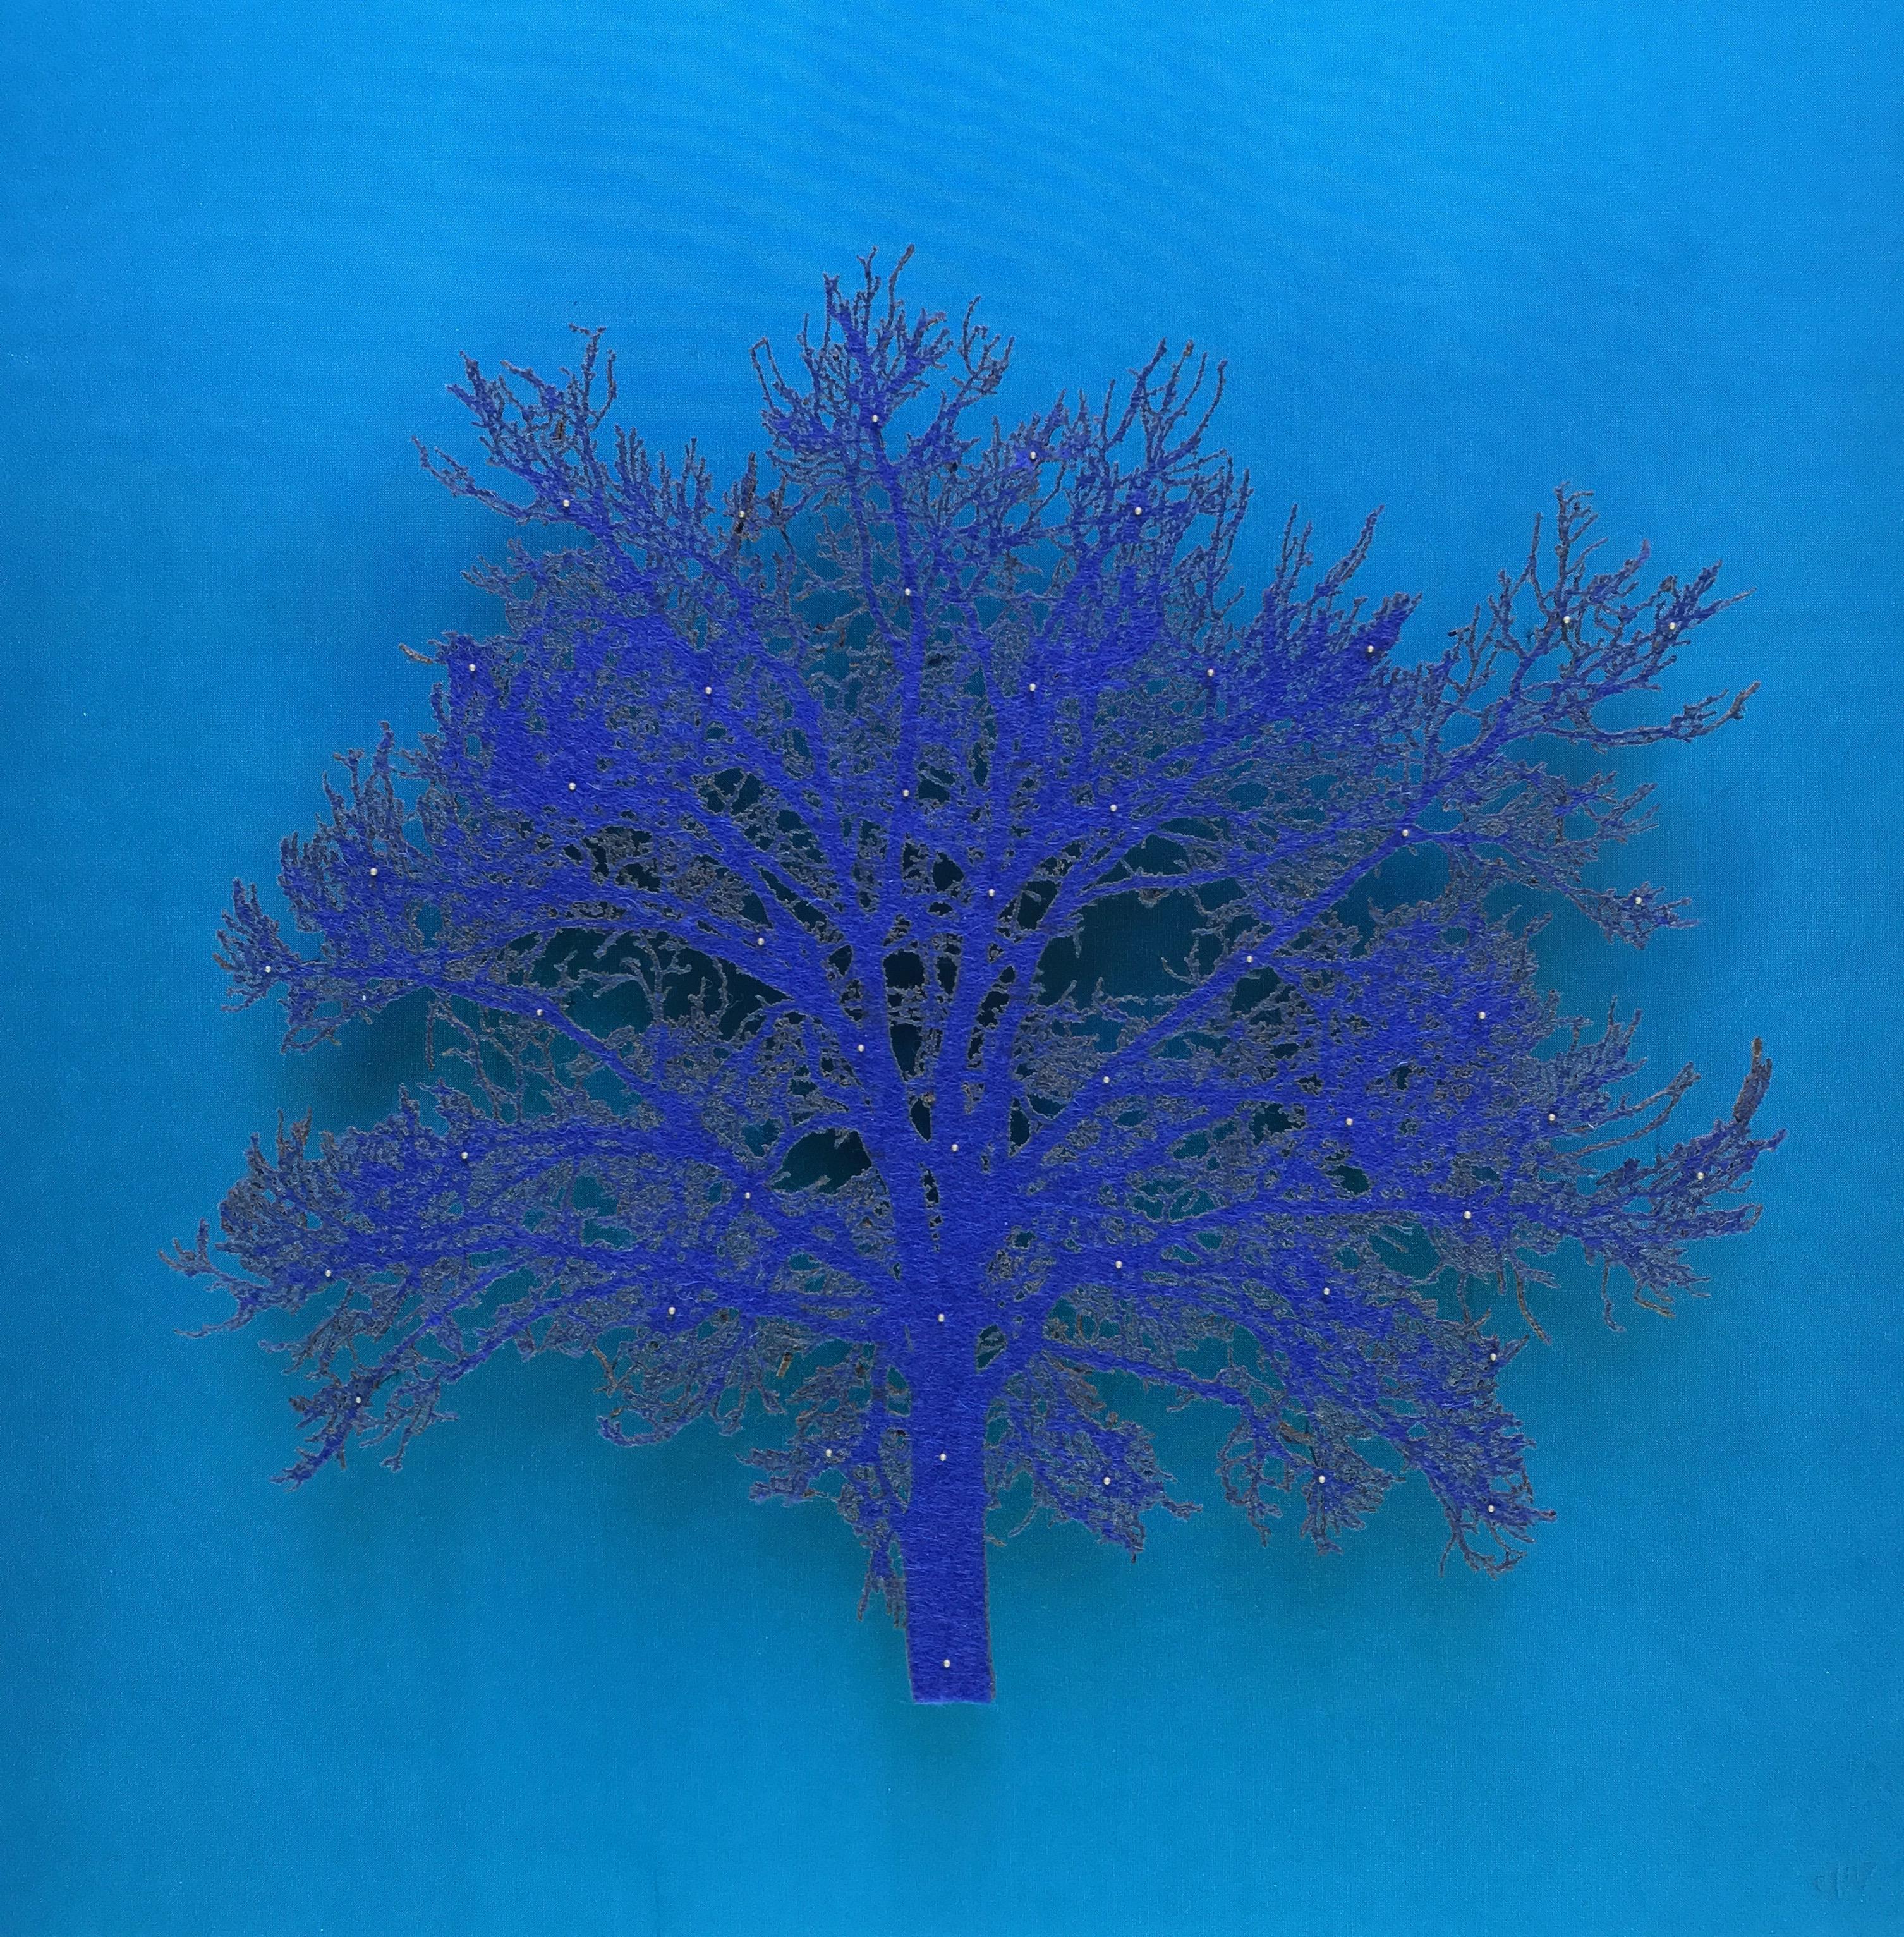 Blue Oak - delicate lasercut image of tree framed